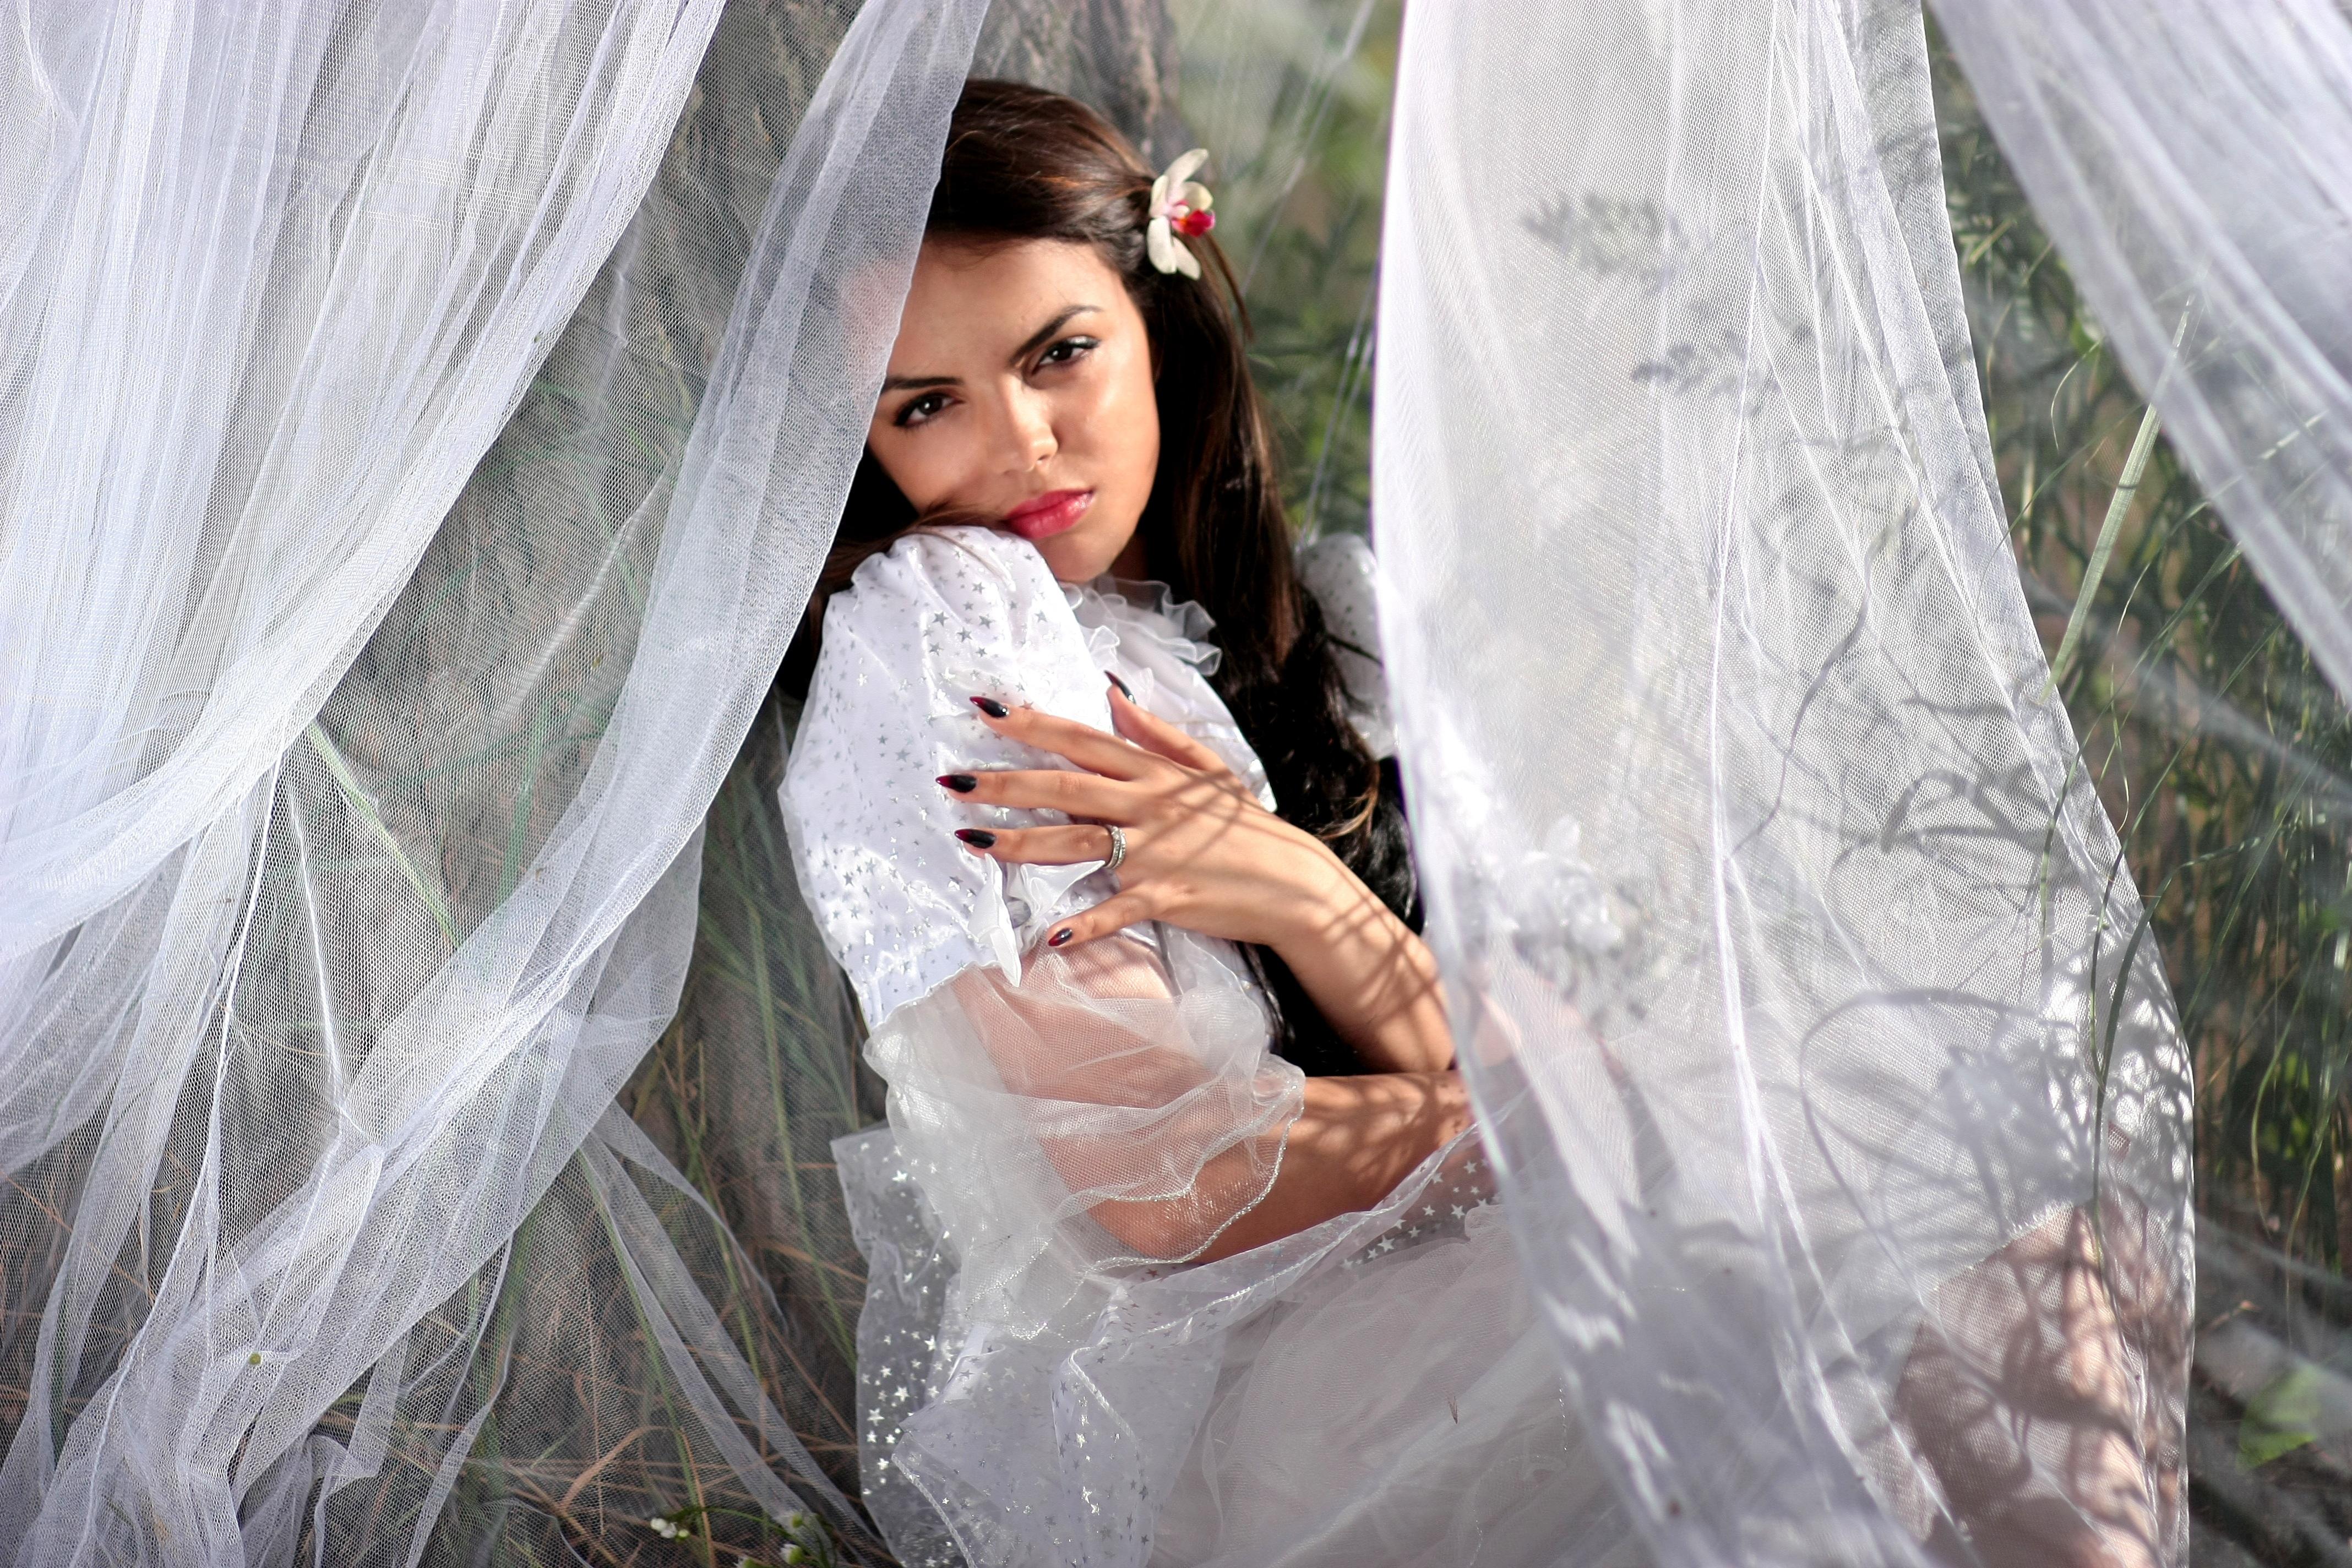 2f811db2 pige kvinde hvid fotografering bryllup bryllupskjole brud Brudgom langt hår  ceremoni kjole fotografi skønhed kjole slør